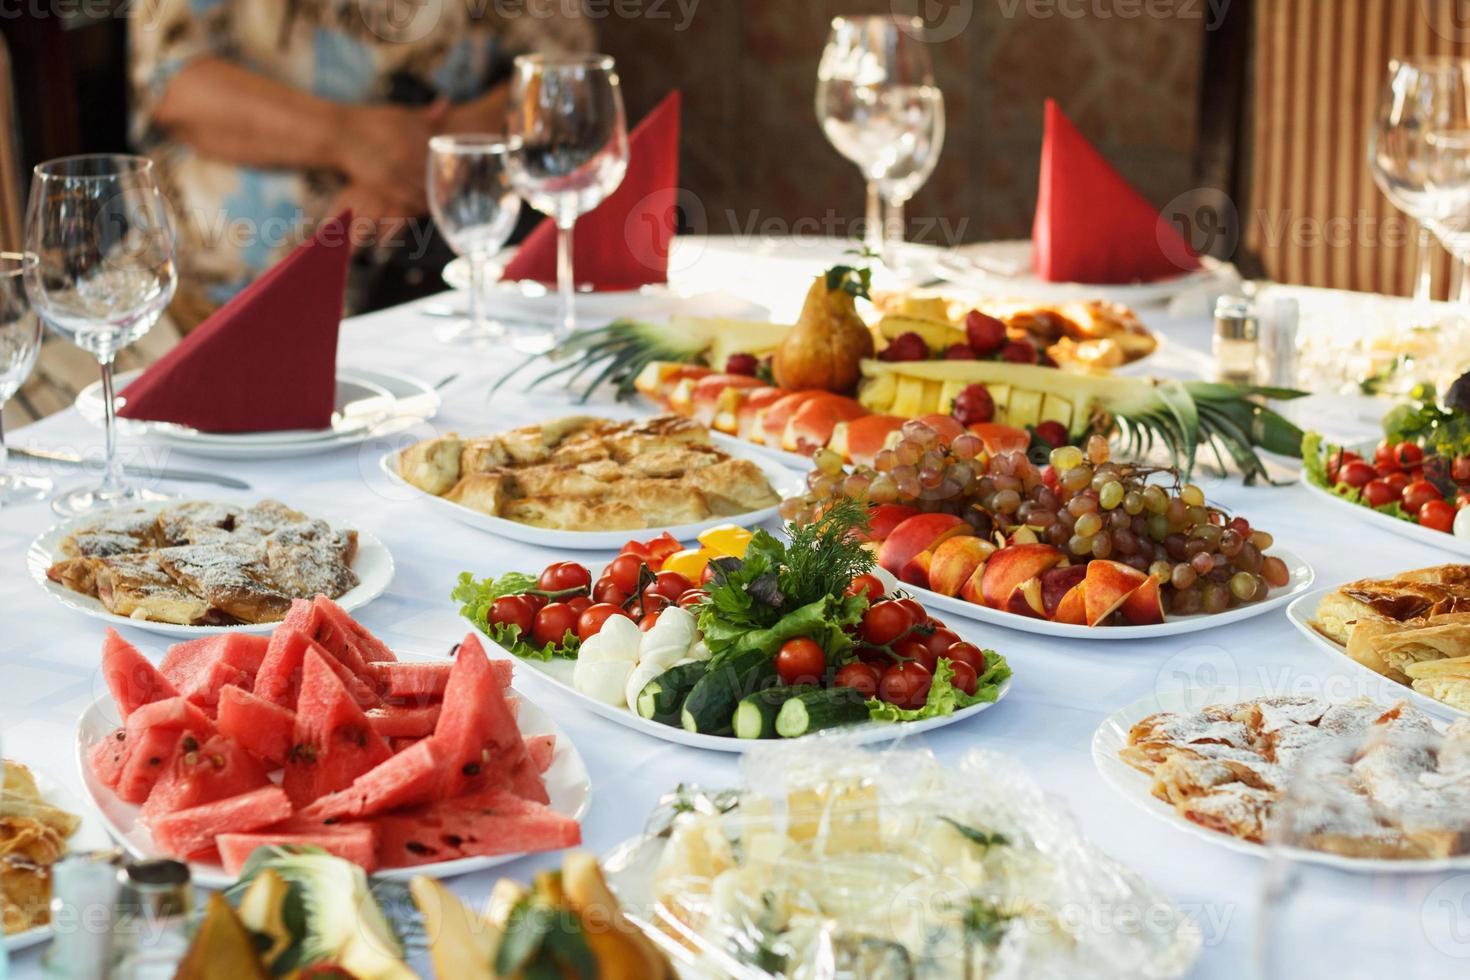 Banketttisch mit Essen feiern foto